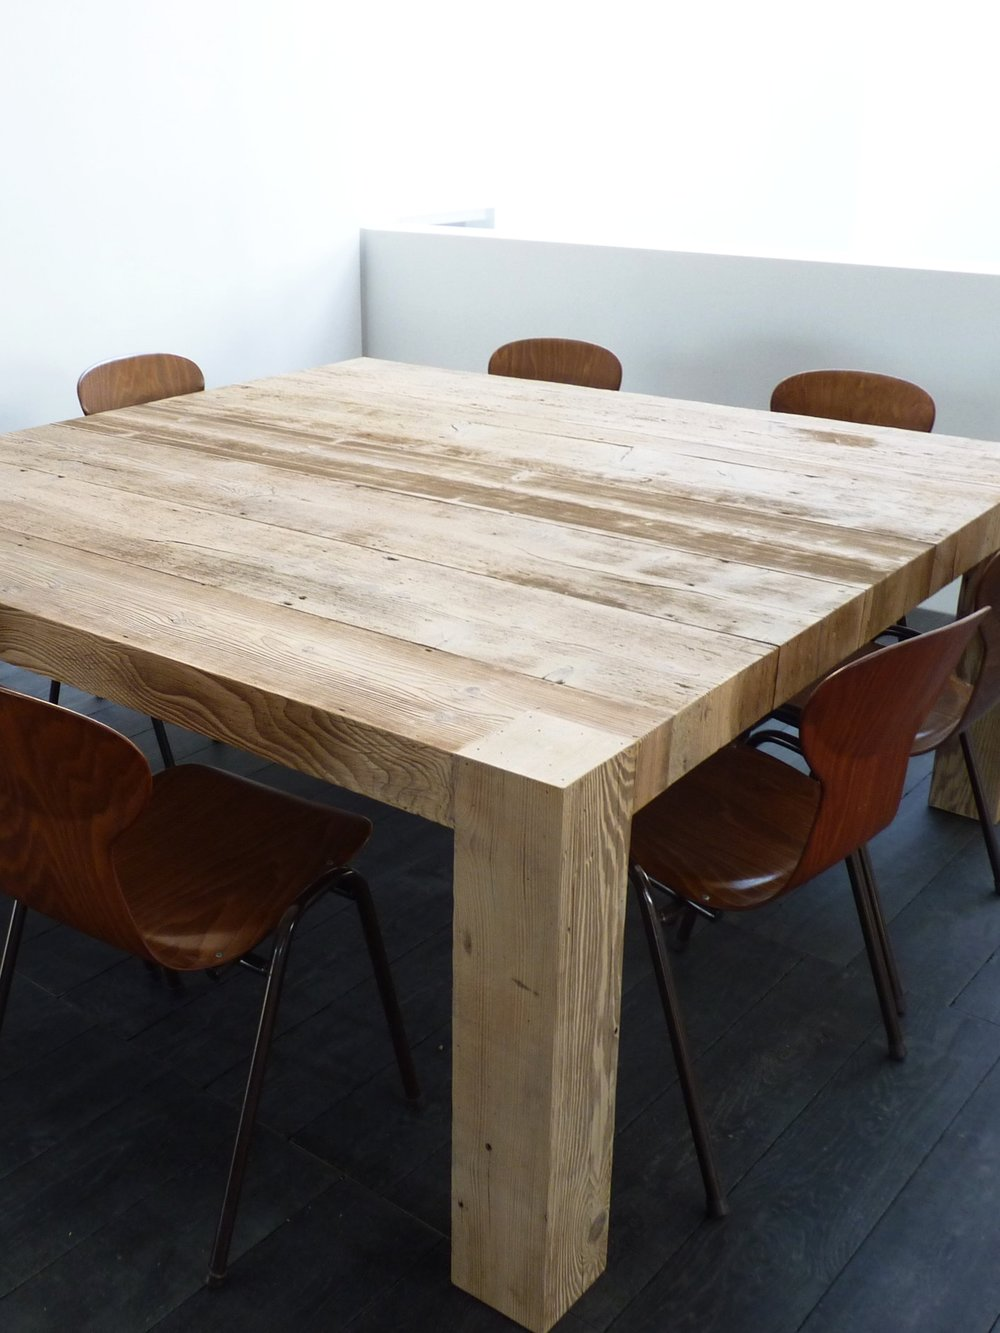 tout STYLE - Traditionnel au contemporain, nous réalisons tous les styles d'ameublement intérieur et extérieur, avec un large choix d'essences de bois :Chêne, Sapin, Frêne...